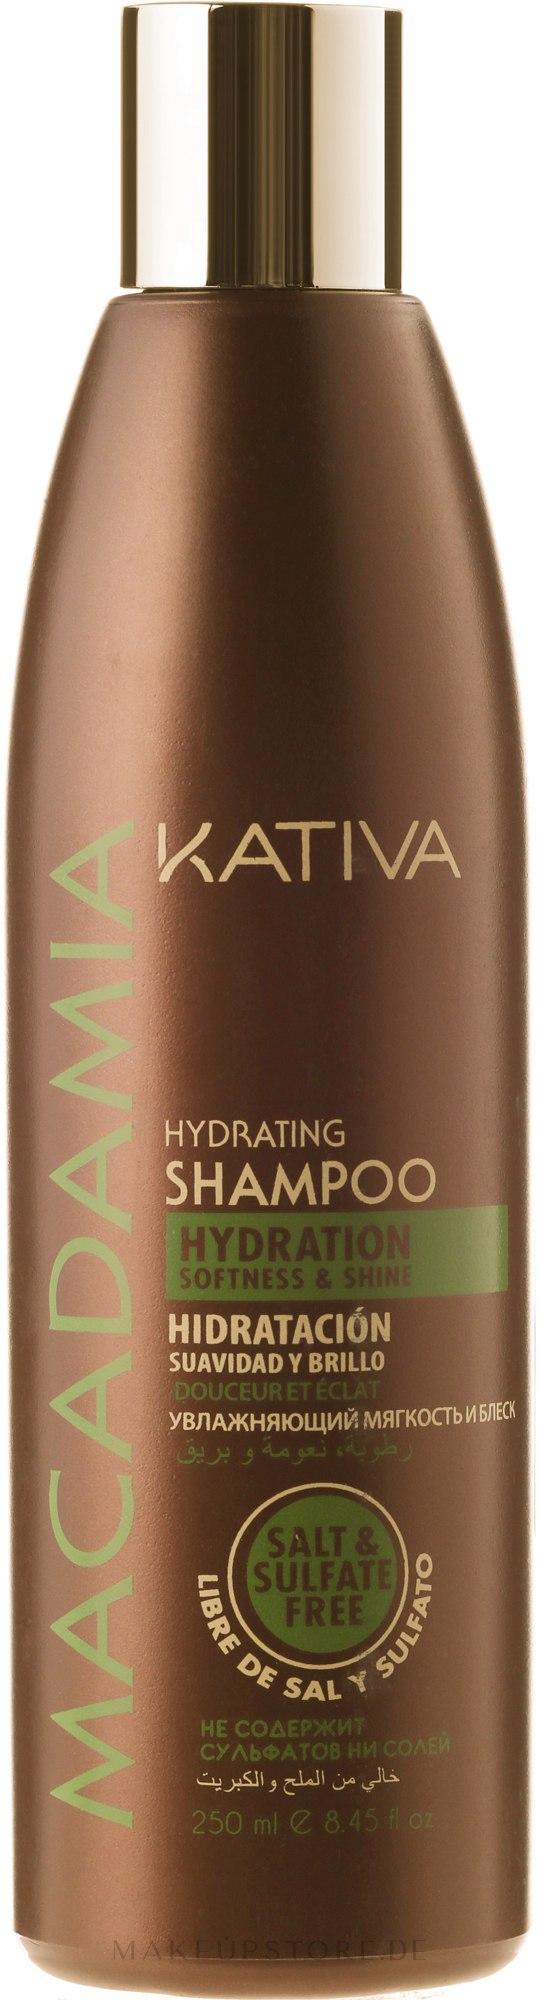 Feuchtigkeitsspendendes Shampoo für normales und strapaziertes Haar - Kativa Macadamia Hydrating Shampoo — Bild 250 ml